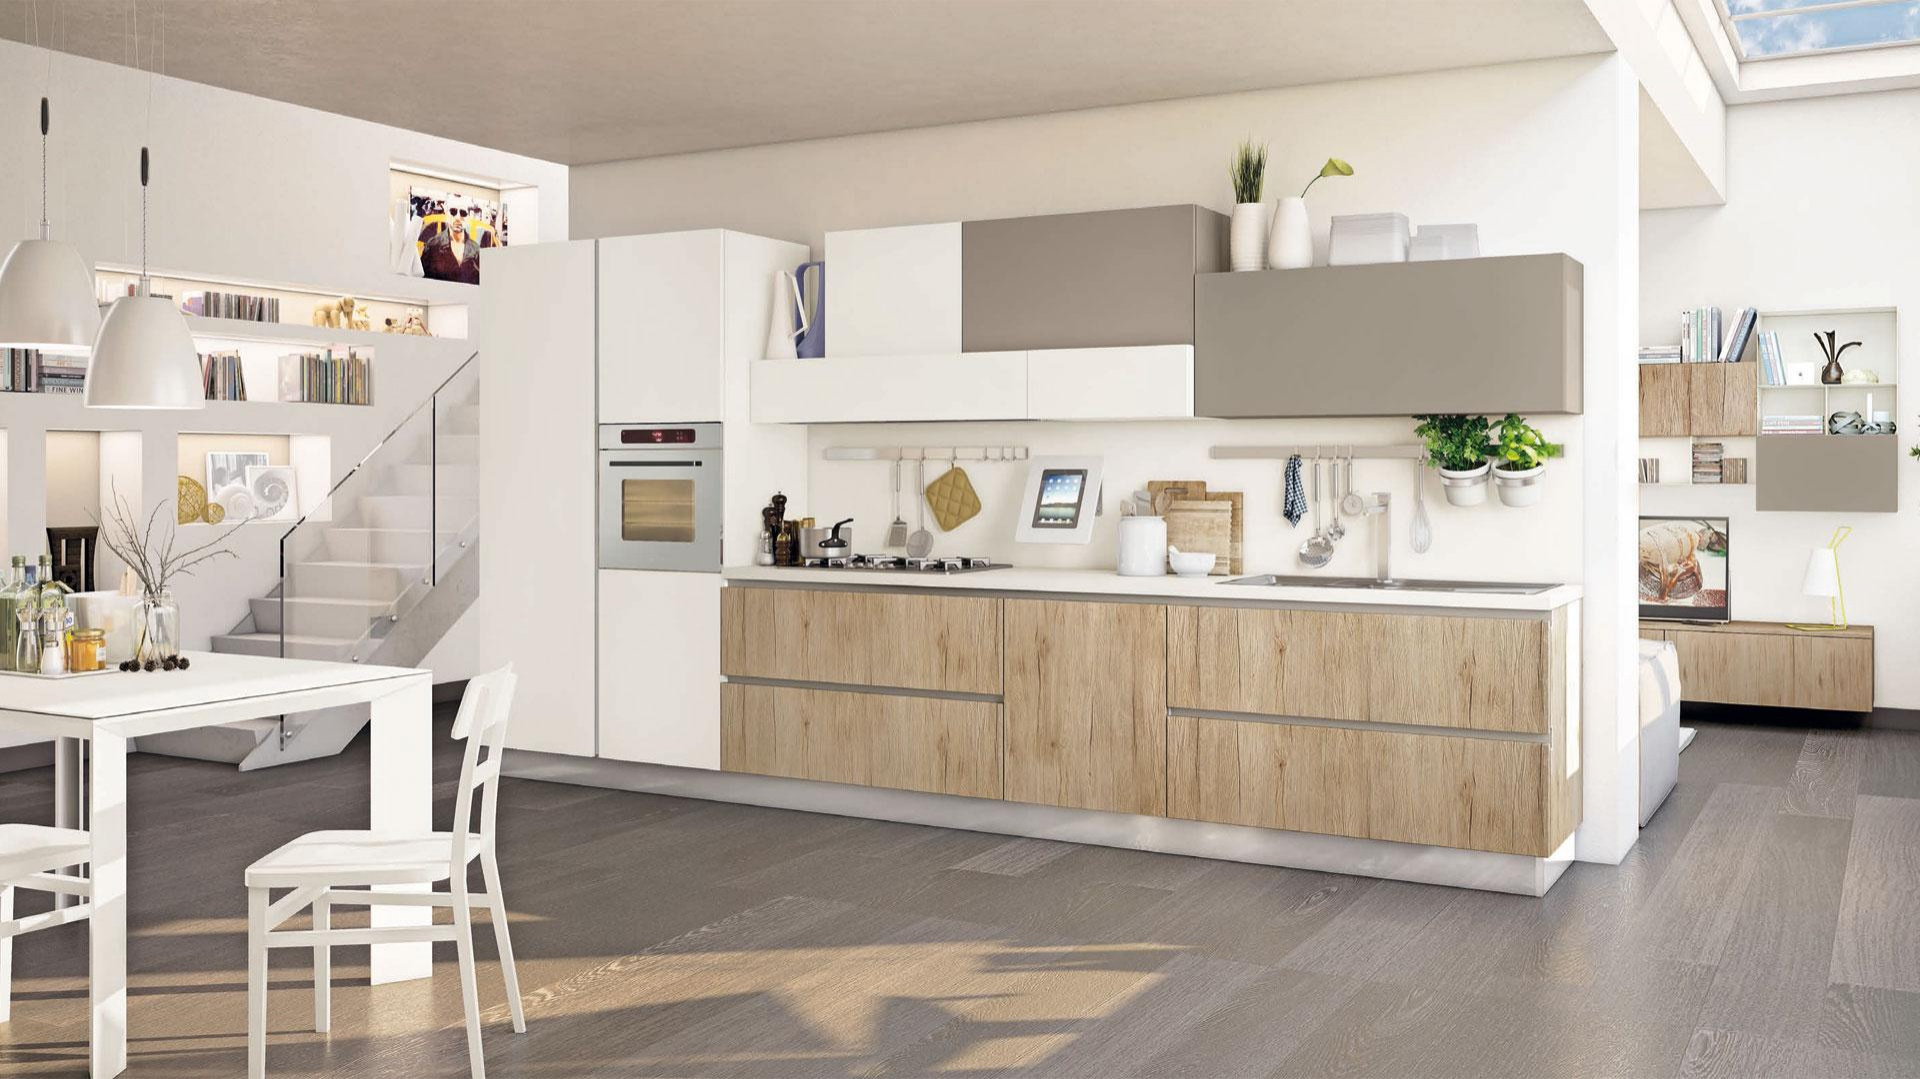 Kuchnia z kolekcji Immagina to piękne połączenie białych frontów w macie, szarych satynowych powierzchni, delikatnie zaakcentowanych jedynie w górnych rzędzie szafek oraz dolnej zabudowy w kolorze ciepłego drewna. Fot. Lube Cucine.